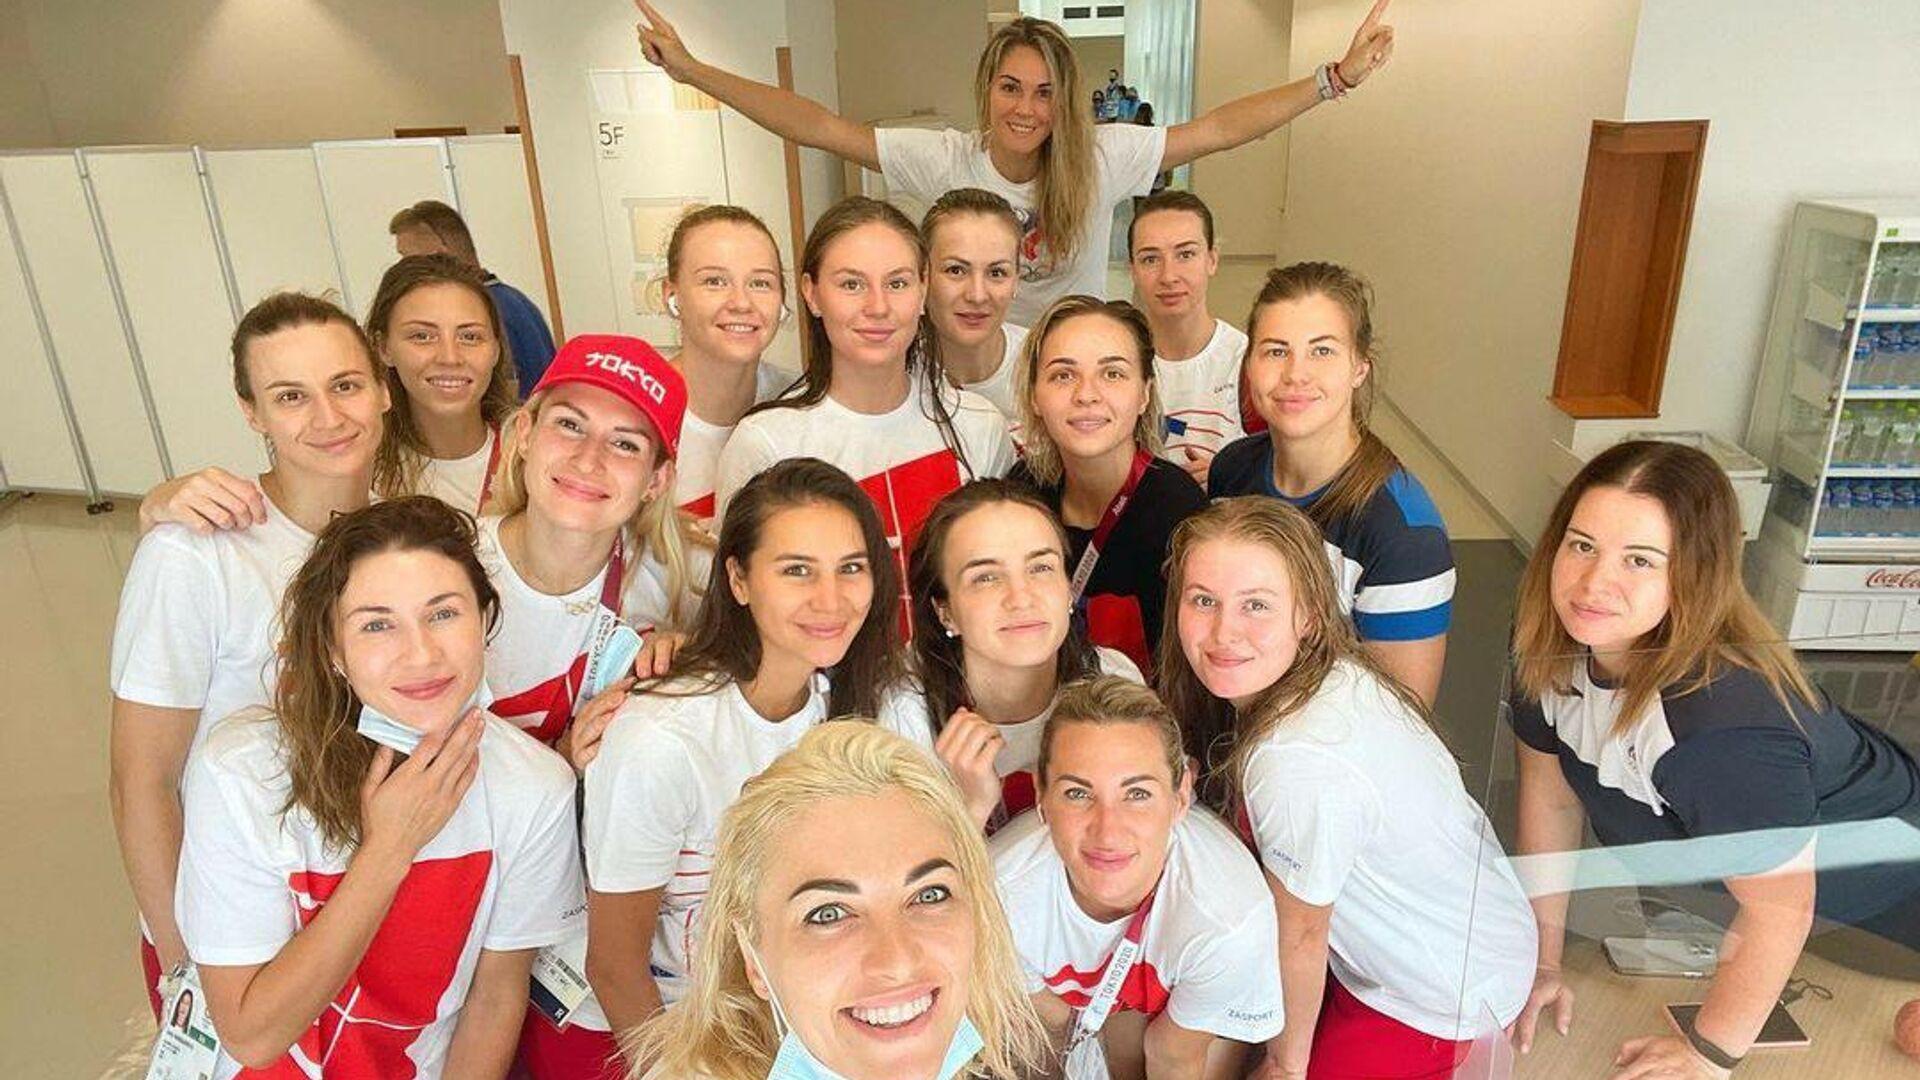 Гандболистки сборной России в олимпийской деревне в Токио - РИА Новости, 1920, 20.07.2021